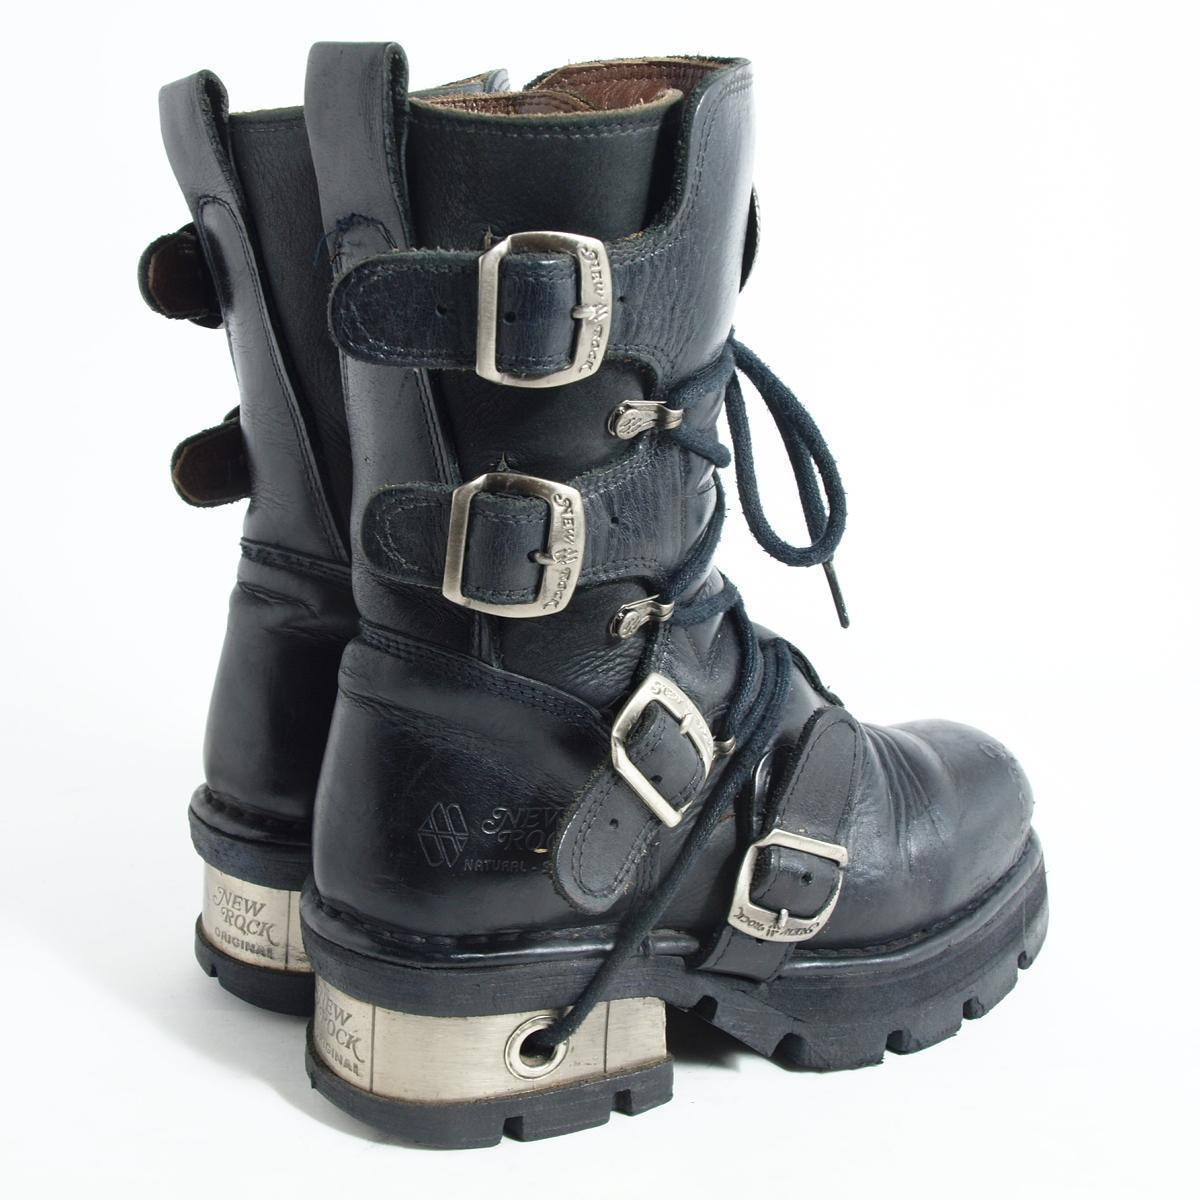 新锁头高跟鞋长筒靴女士23.5cm NEW ROCK/bok0051